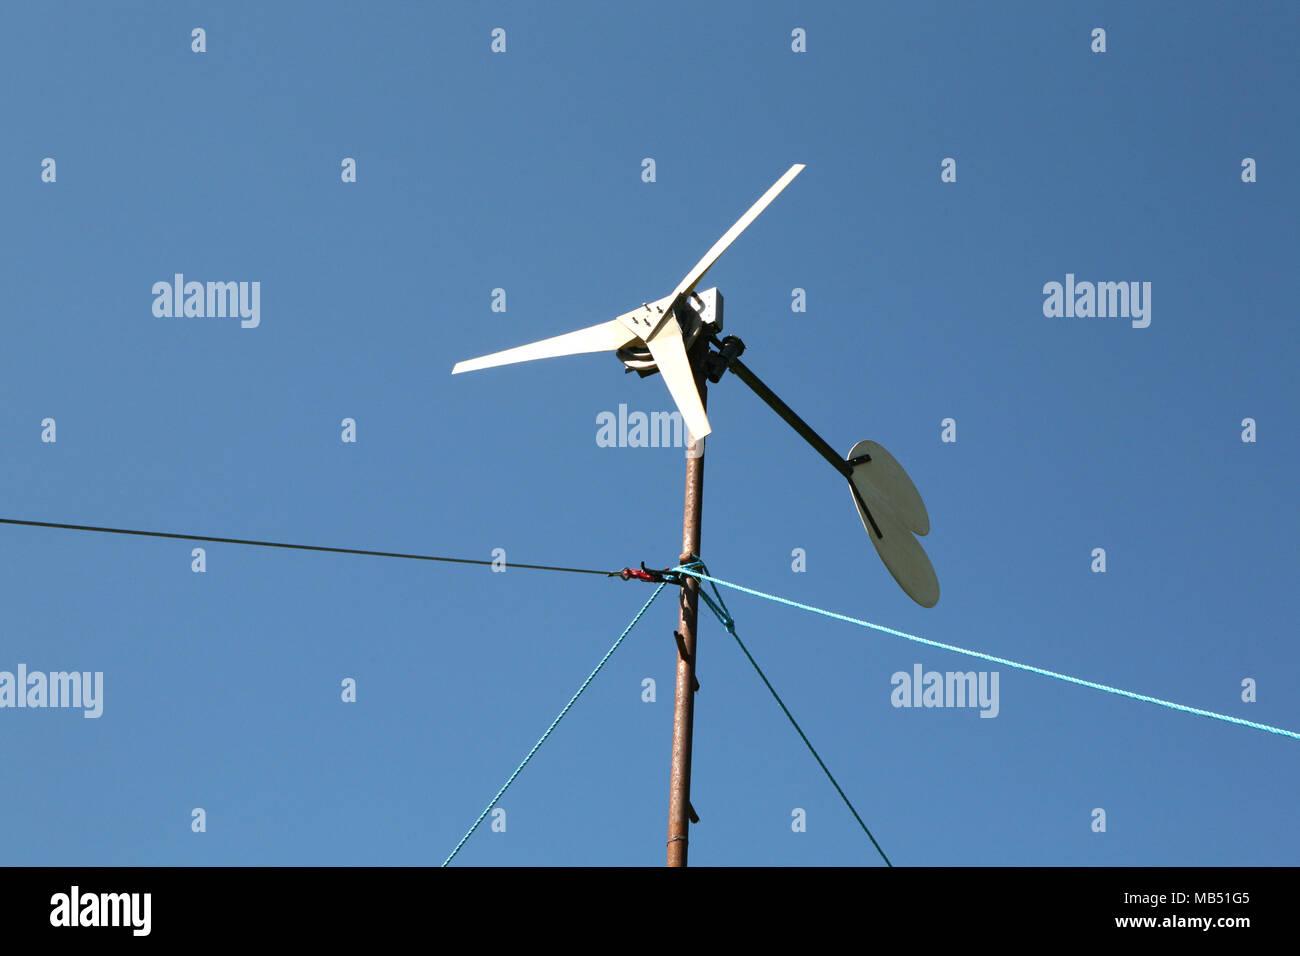 Petite éolienne la production d'énergie propre selfbuilt Photo Stock